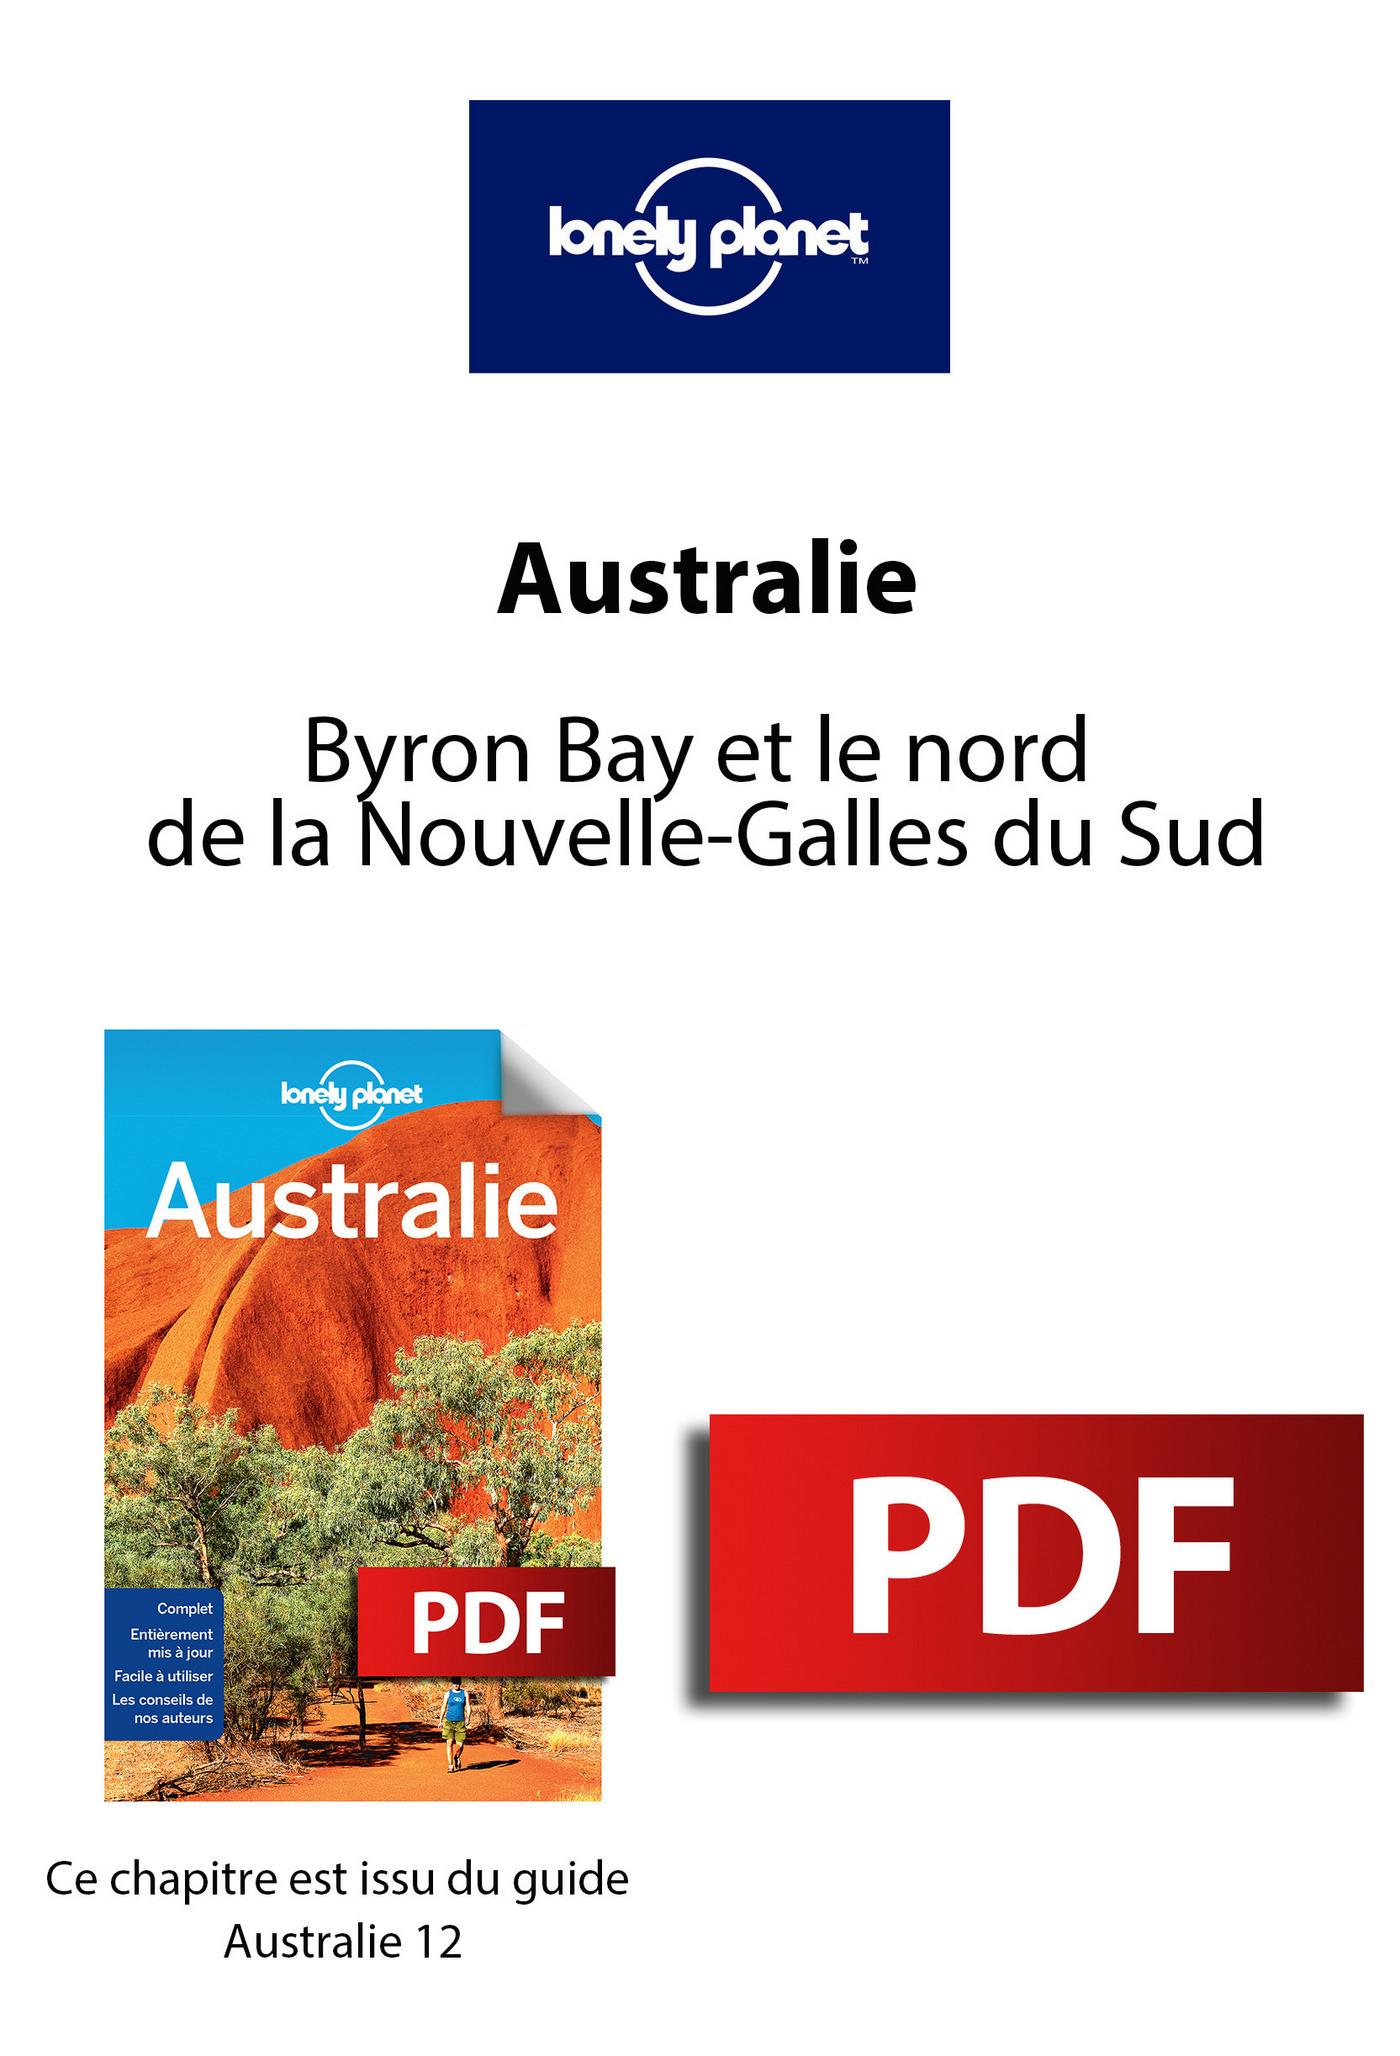 Australie - Byron Bay et le nord de la Nouvelle-Galles du Sud